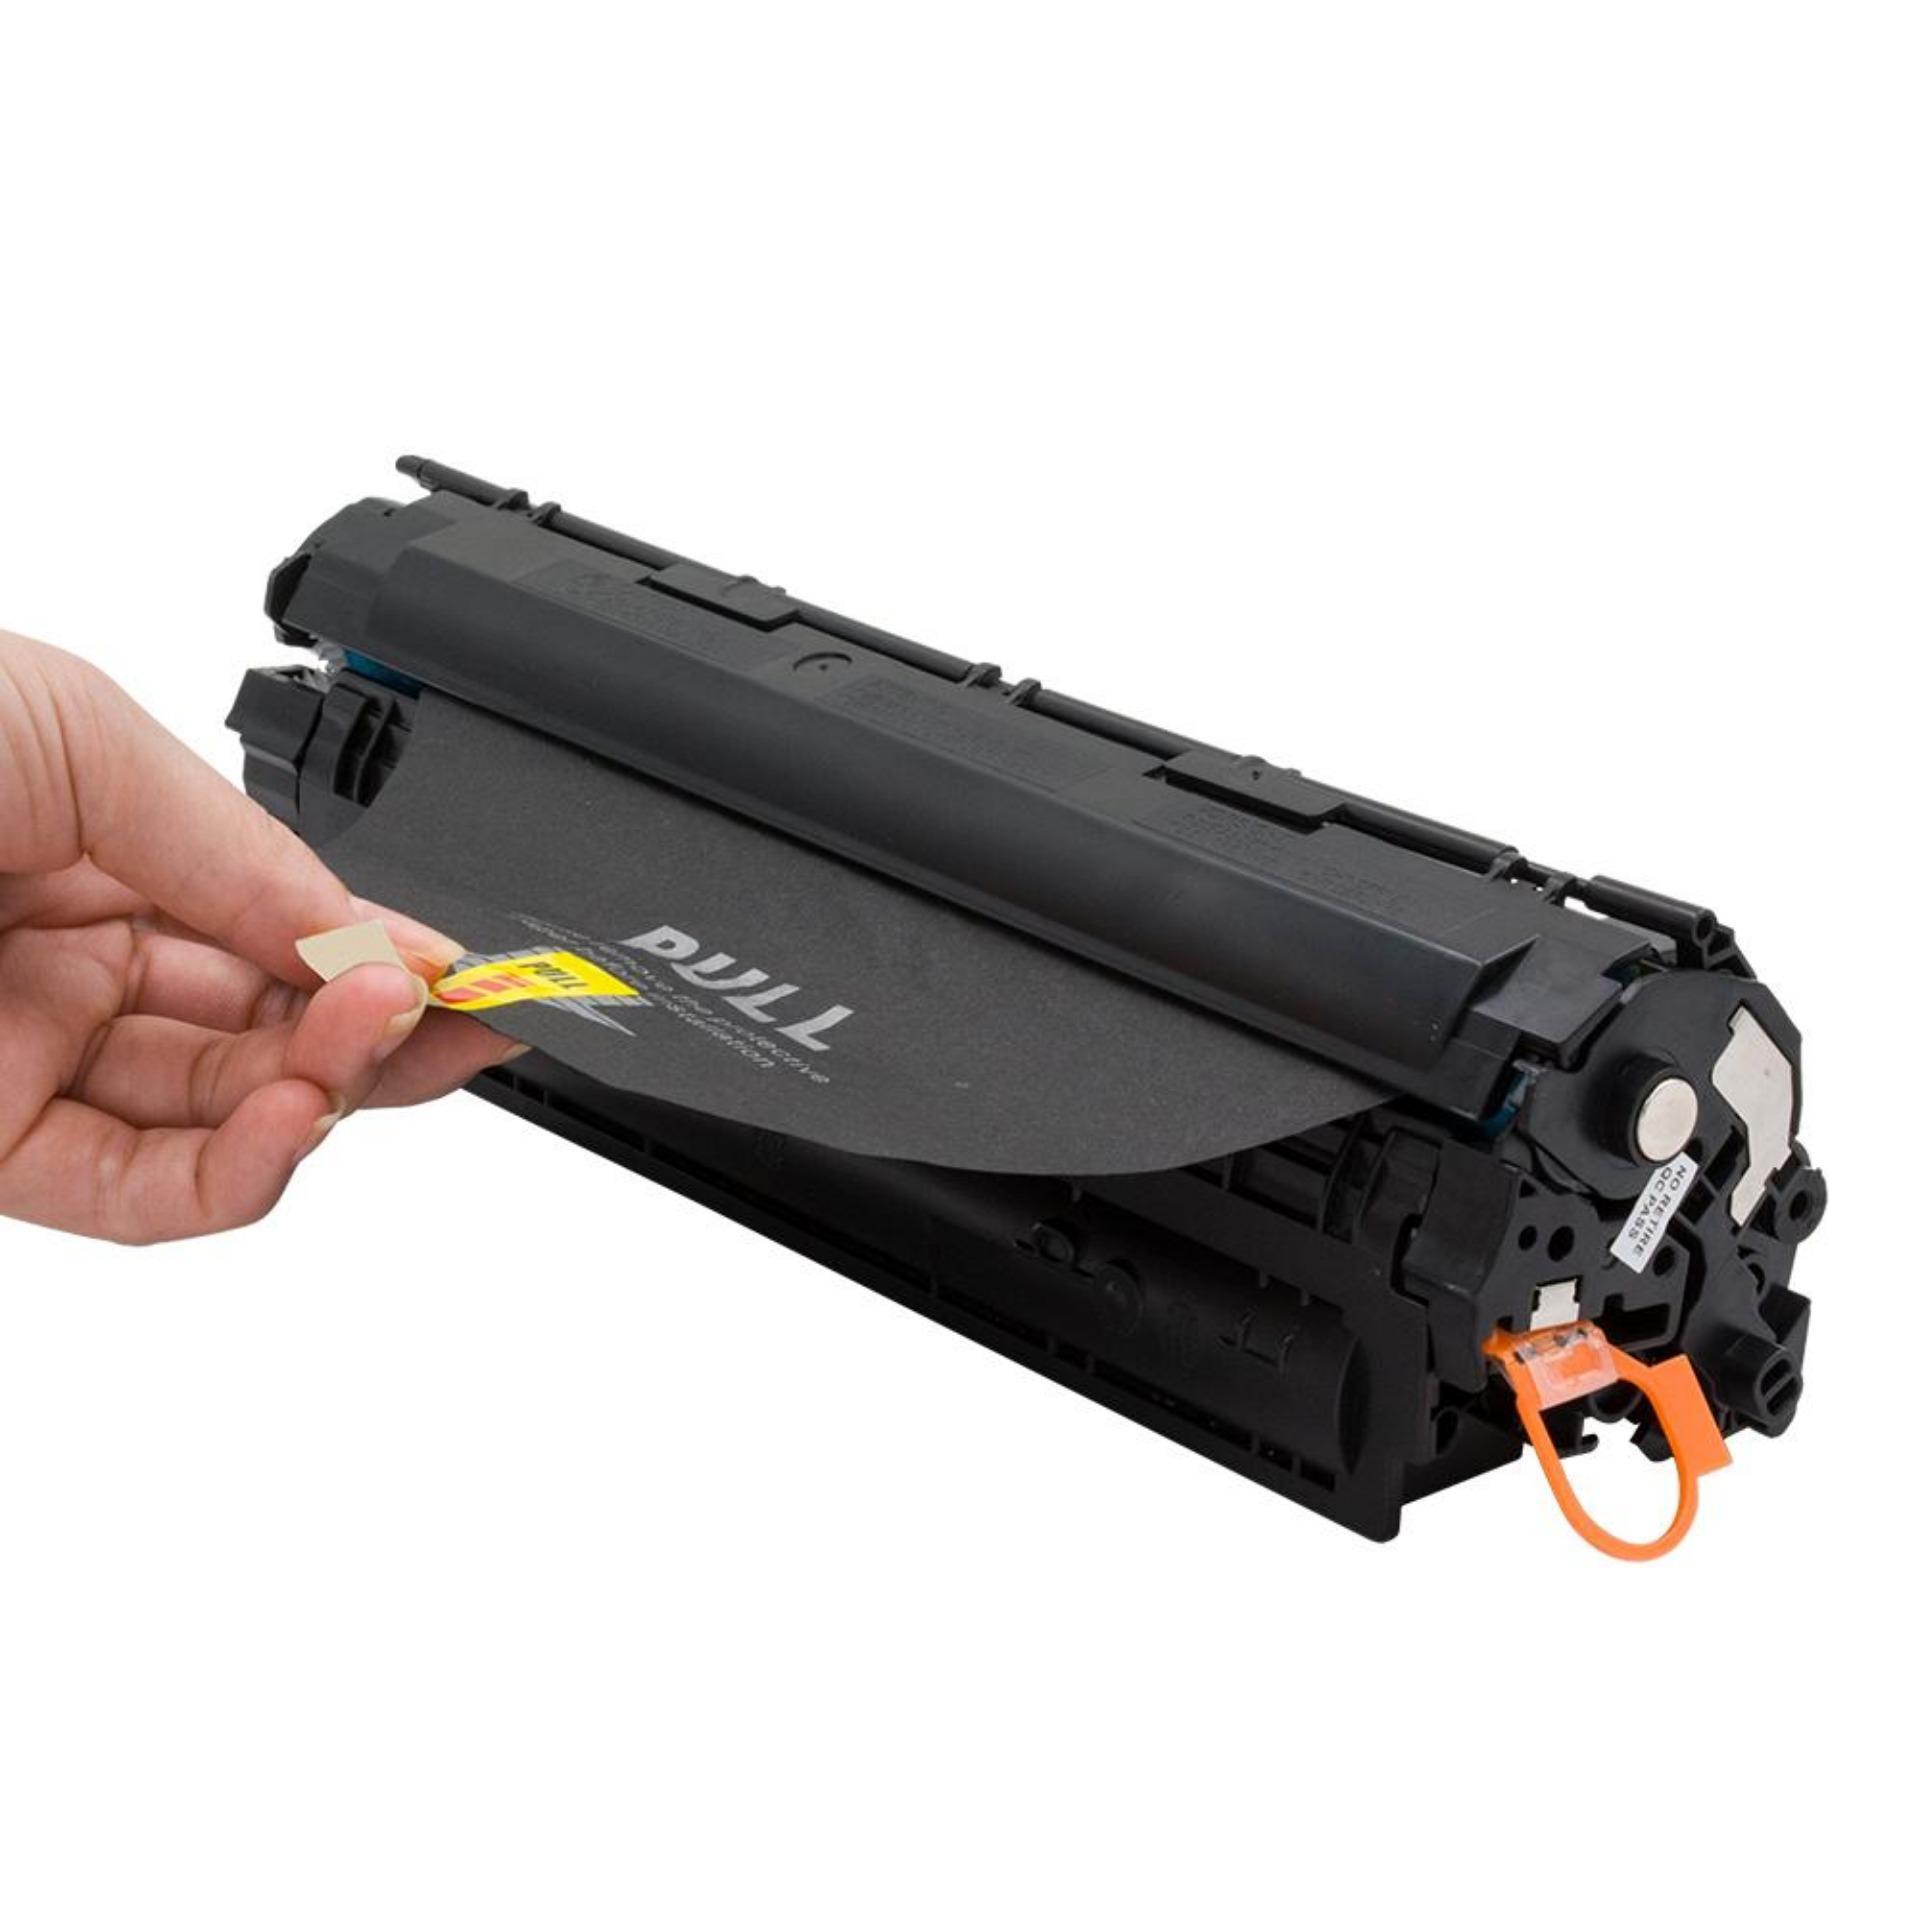 Giá Hộp Mực dùng cho Máy In CANON imageCLASS LBP6230dn Thương hiệu Techone(Cartridge: HP CRG-CE278A, Canon EP-326/328/526/726/926: Màu đen – Mới 100%) Tại Shop Uy Tín Là Vàng